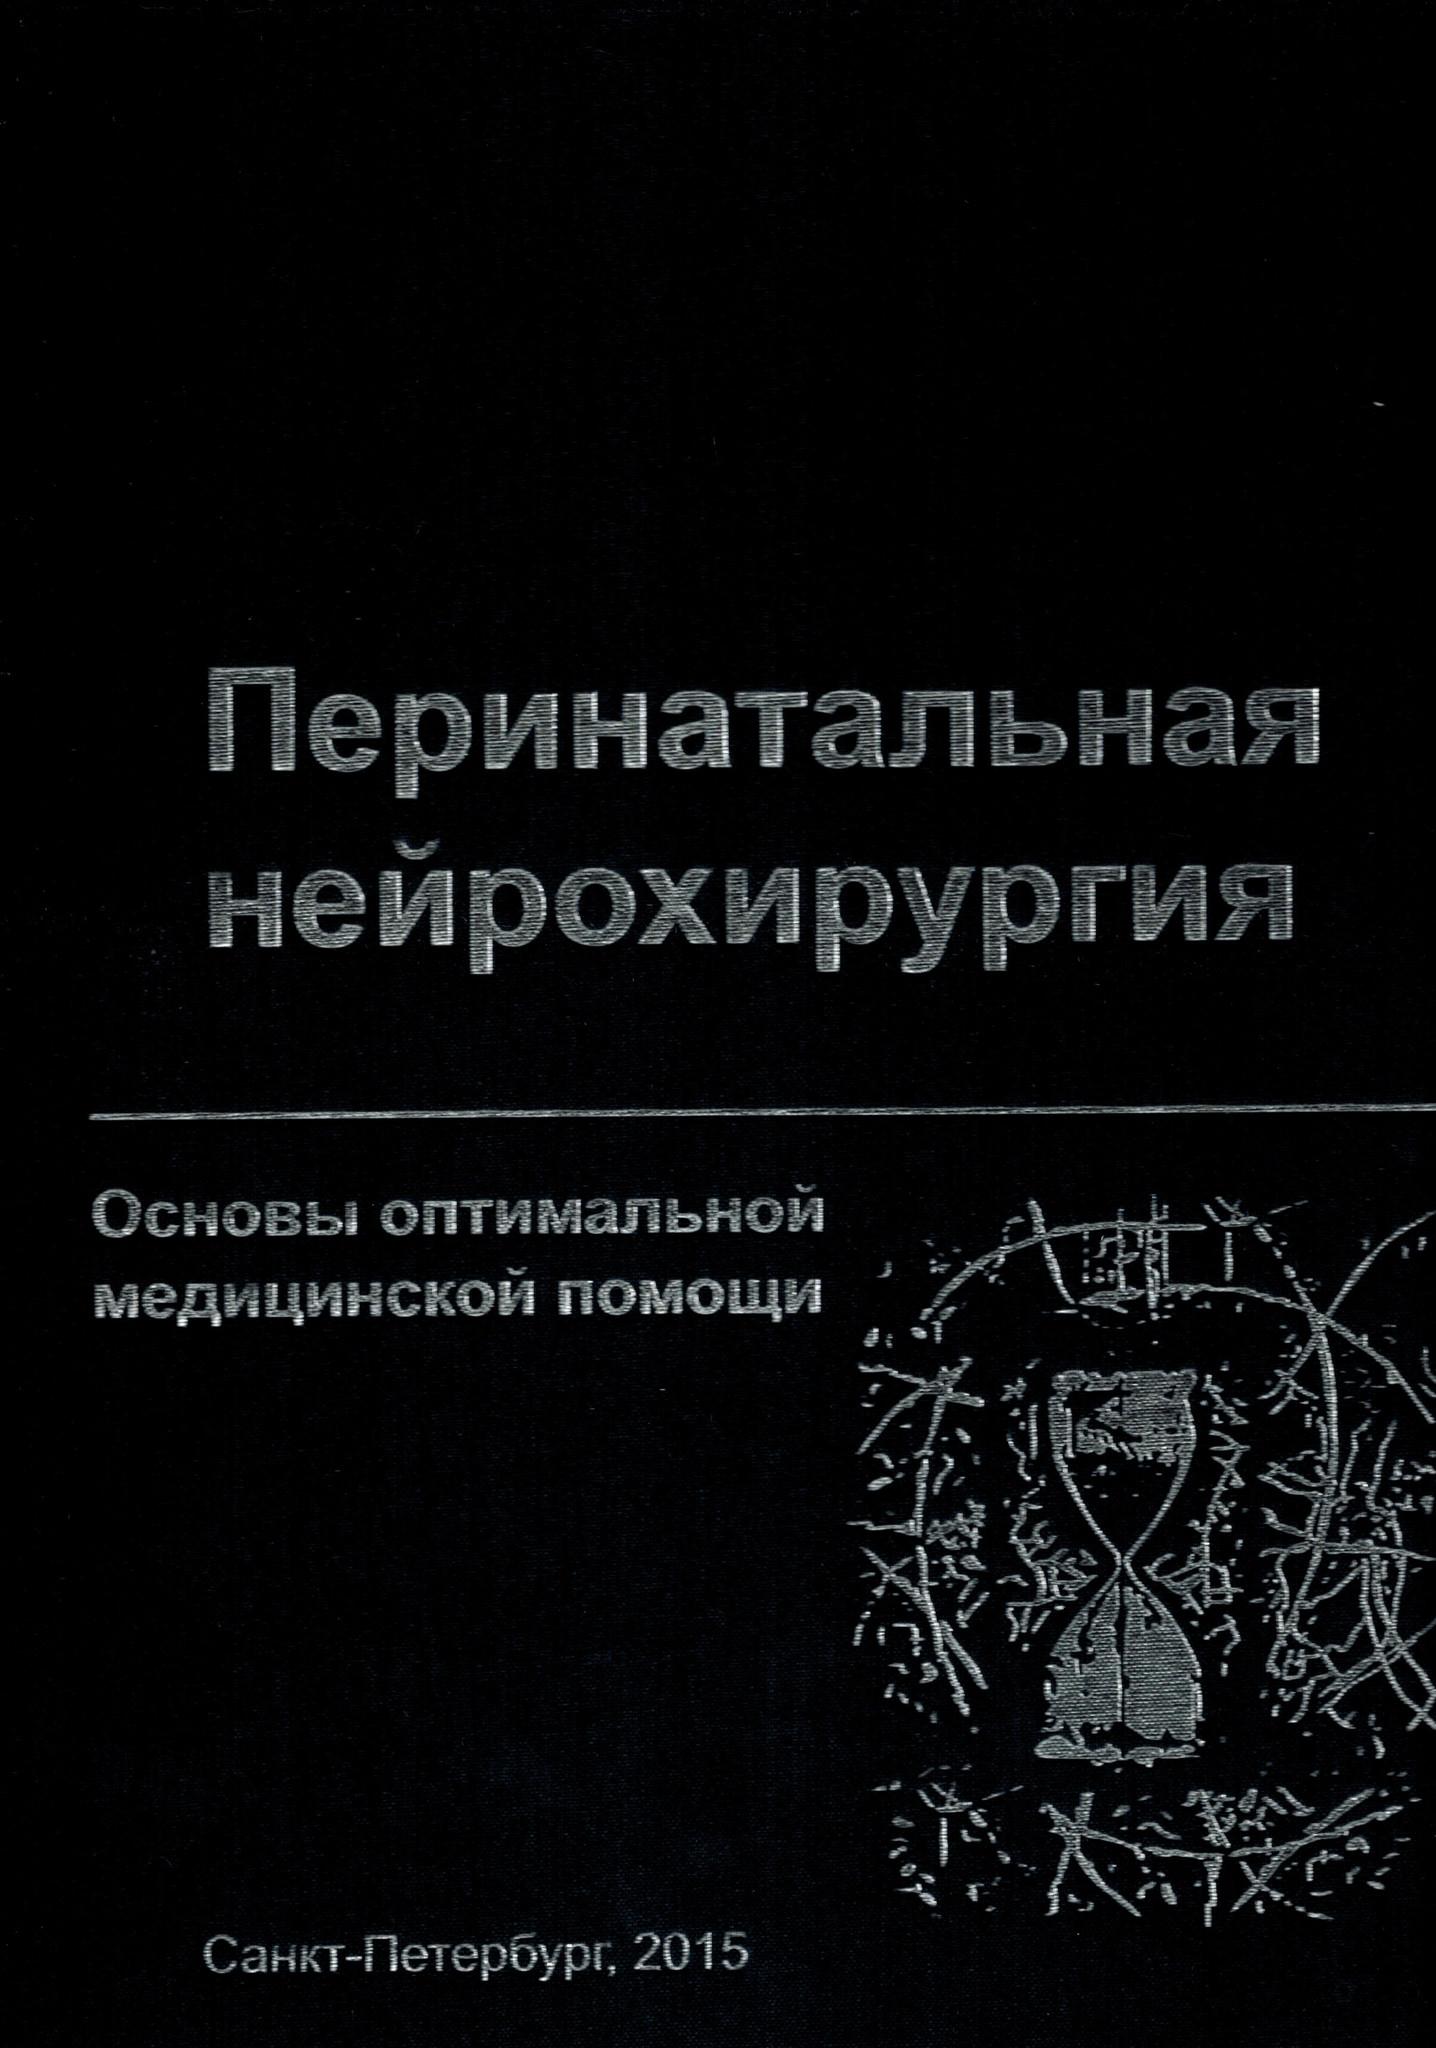 Каталог Перинатальная нейрохирургия. Основы оптимальной медицинской помощи pn.jpg